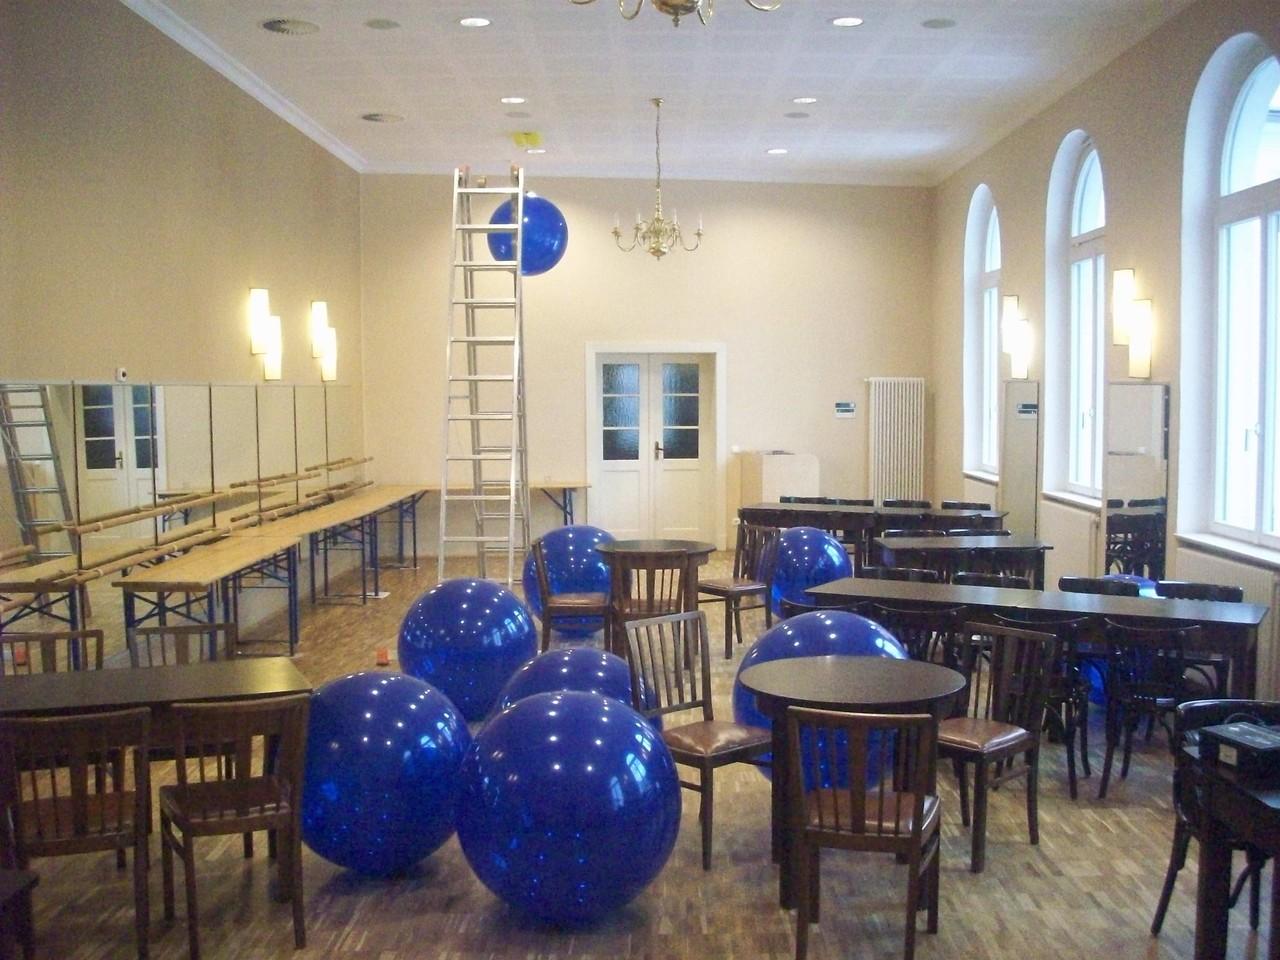 Riesenballone zur Deckendekoration werden vorbereitet...